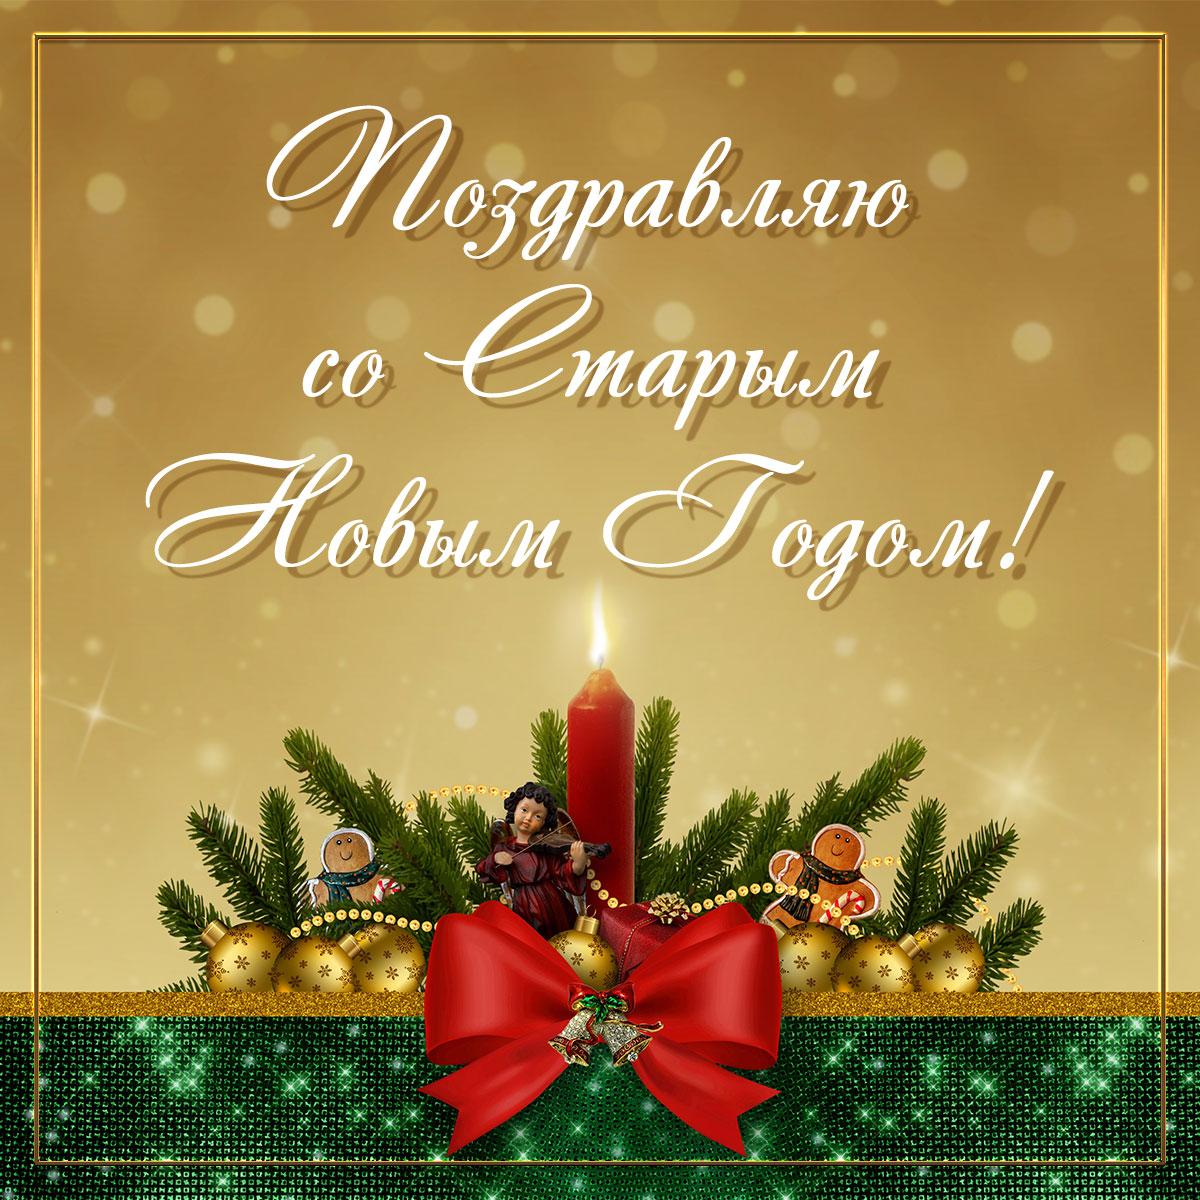 Картинка с текстом поздравления на старый новый год с еловыми ветками, свечой, куклой, пряниками и красным бантом на жёлто - зелёном фоне.